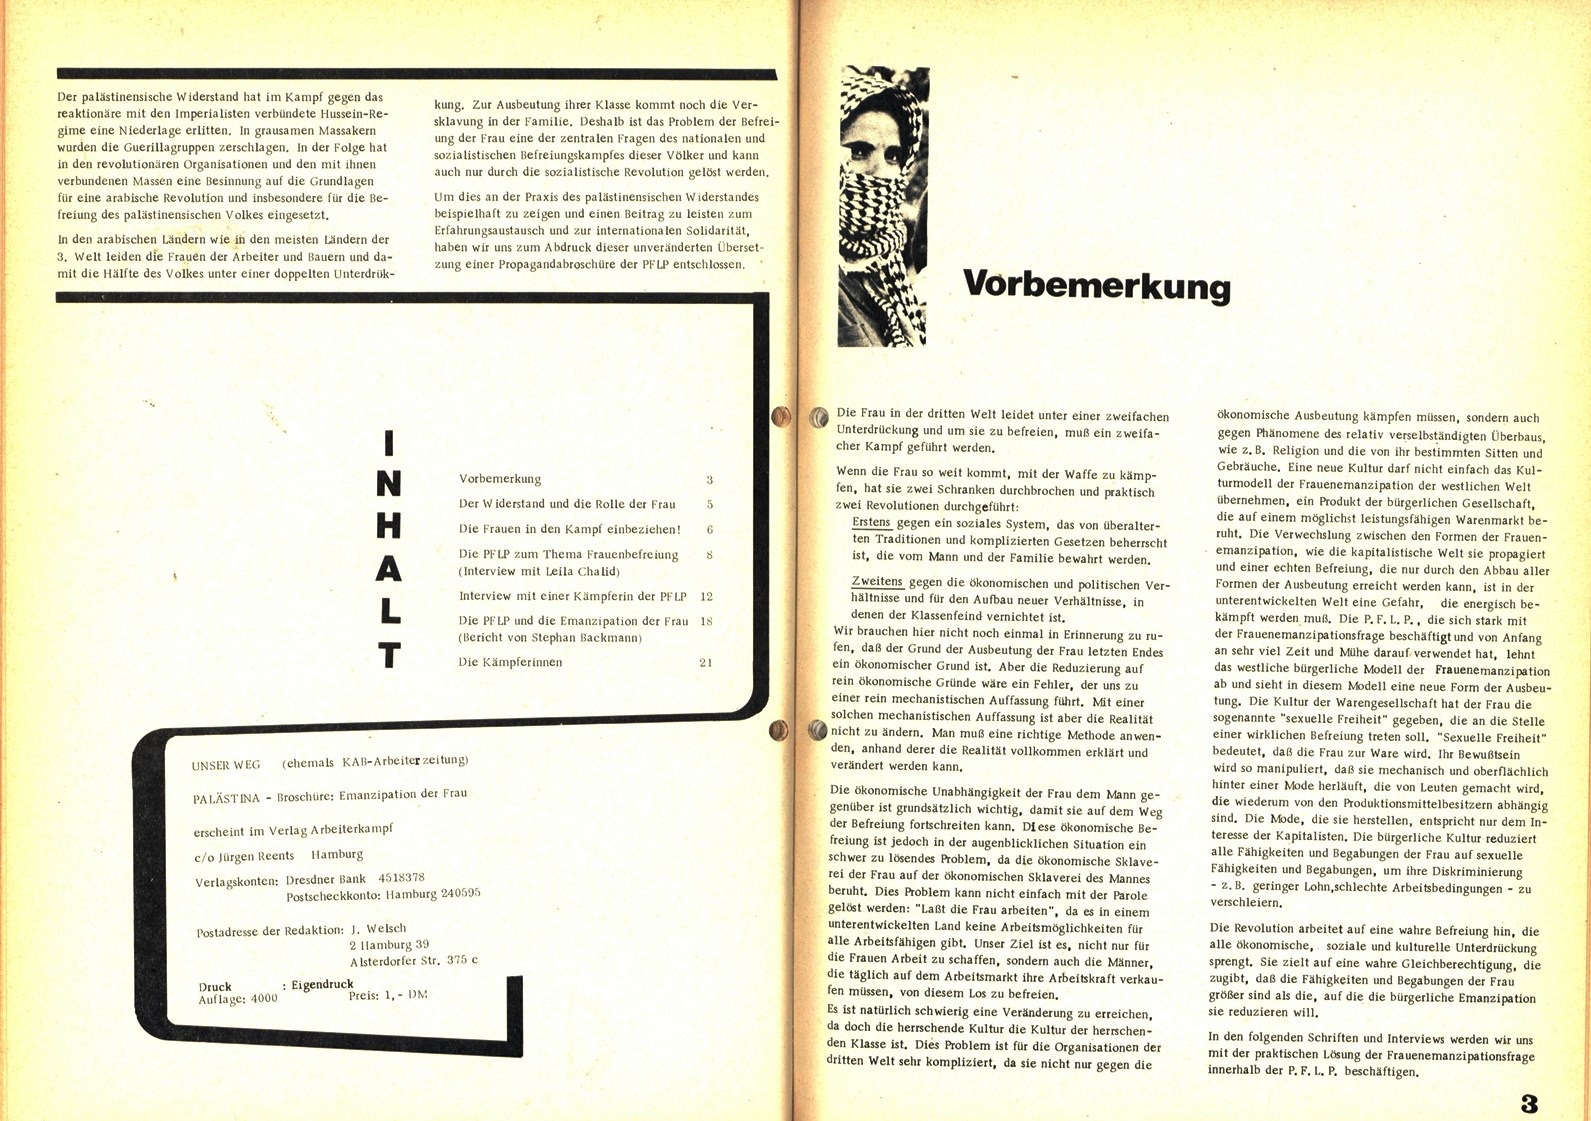 KB_Unser_Weg_19721000_02